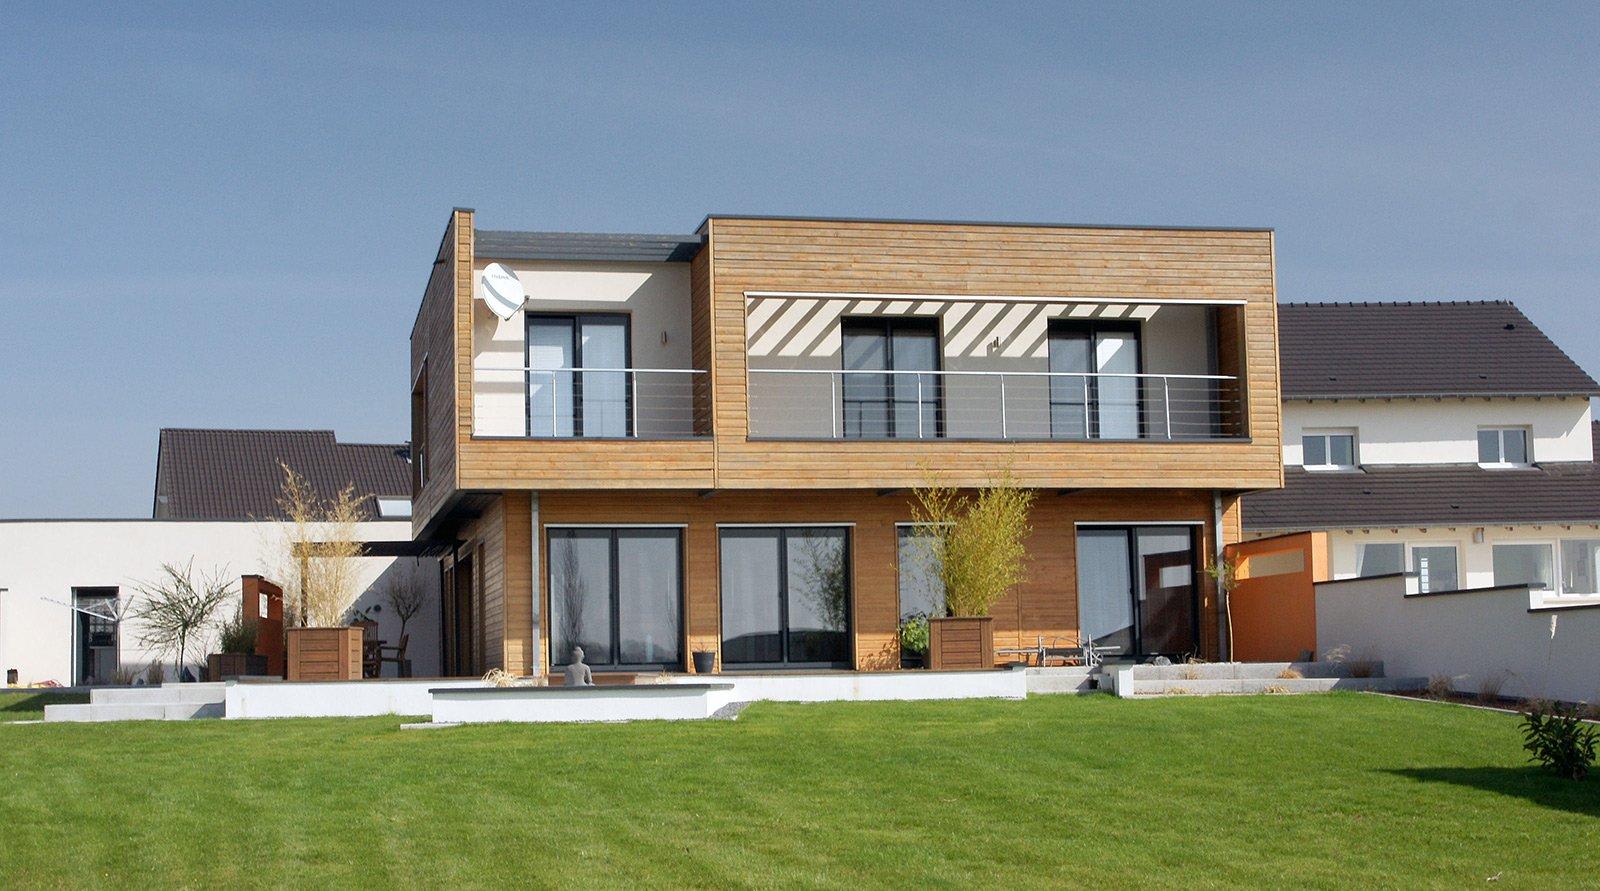 65 di sconto fiscale per le nuove finestre cose di casa - Internorm prezzi ...